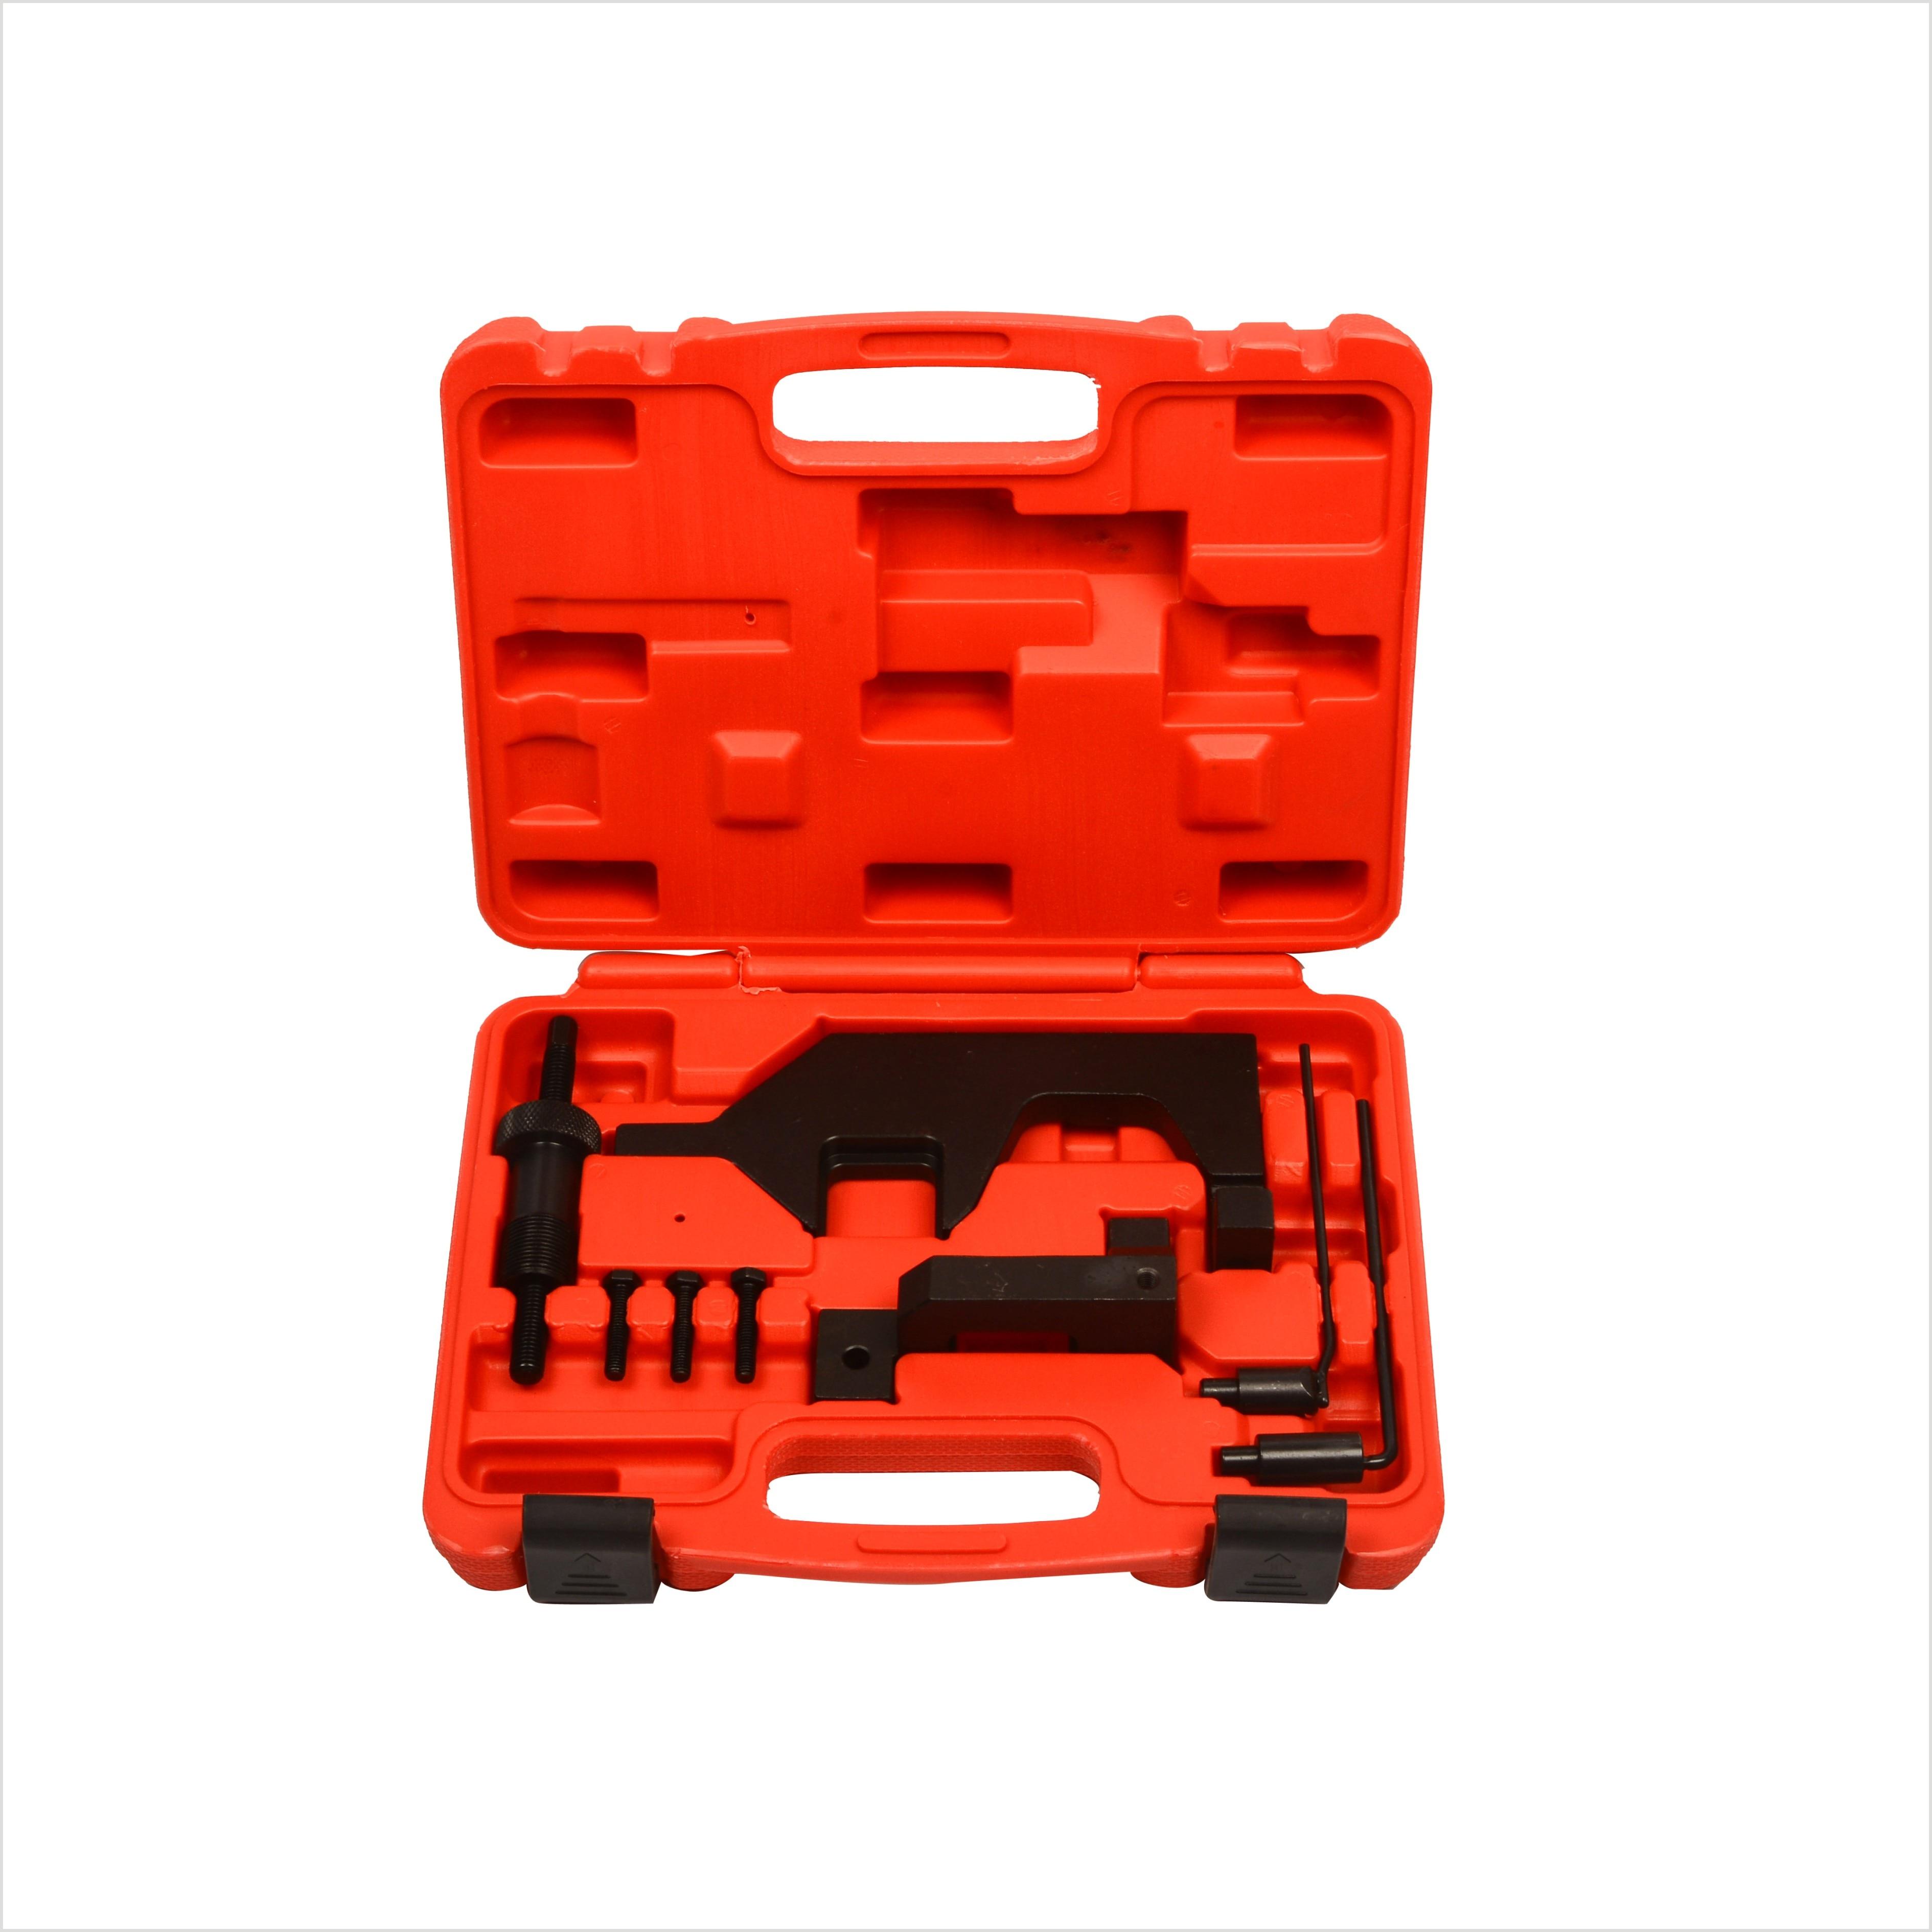 For BMW Mini Cooper Clubman N13 N18 Engine Timing Tool Set F20 14i 16i 18i F30